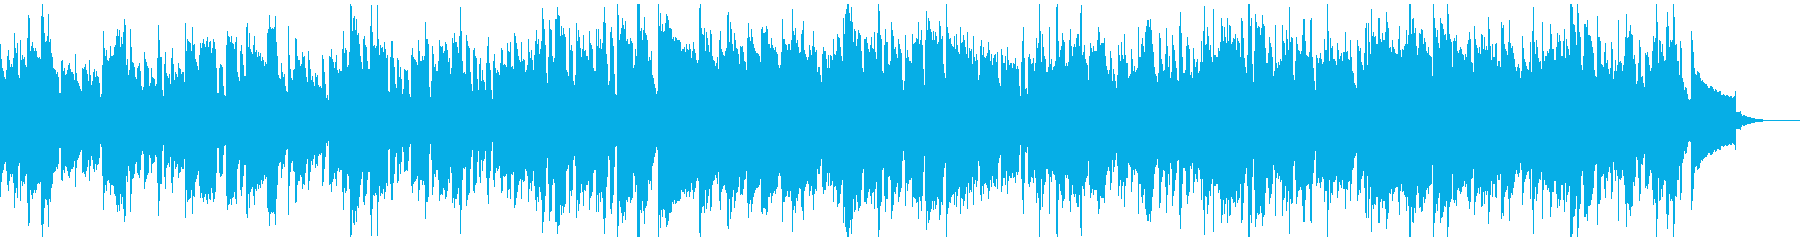 ほのぼのRPGの村(ファンタジー)終了版の再生済みの波形